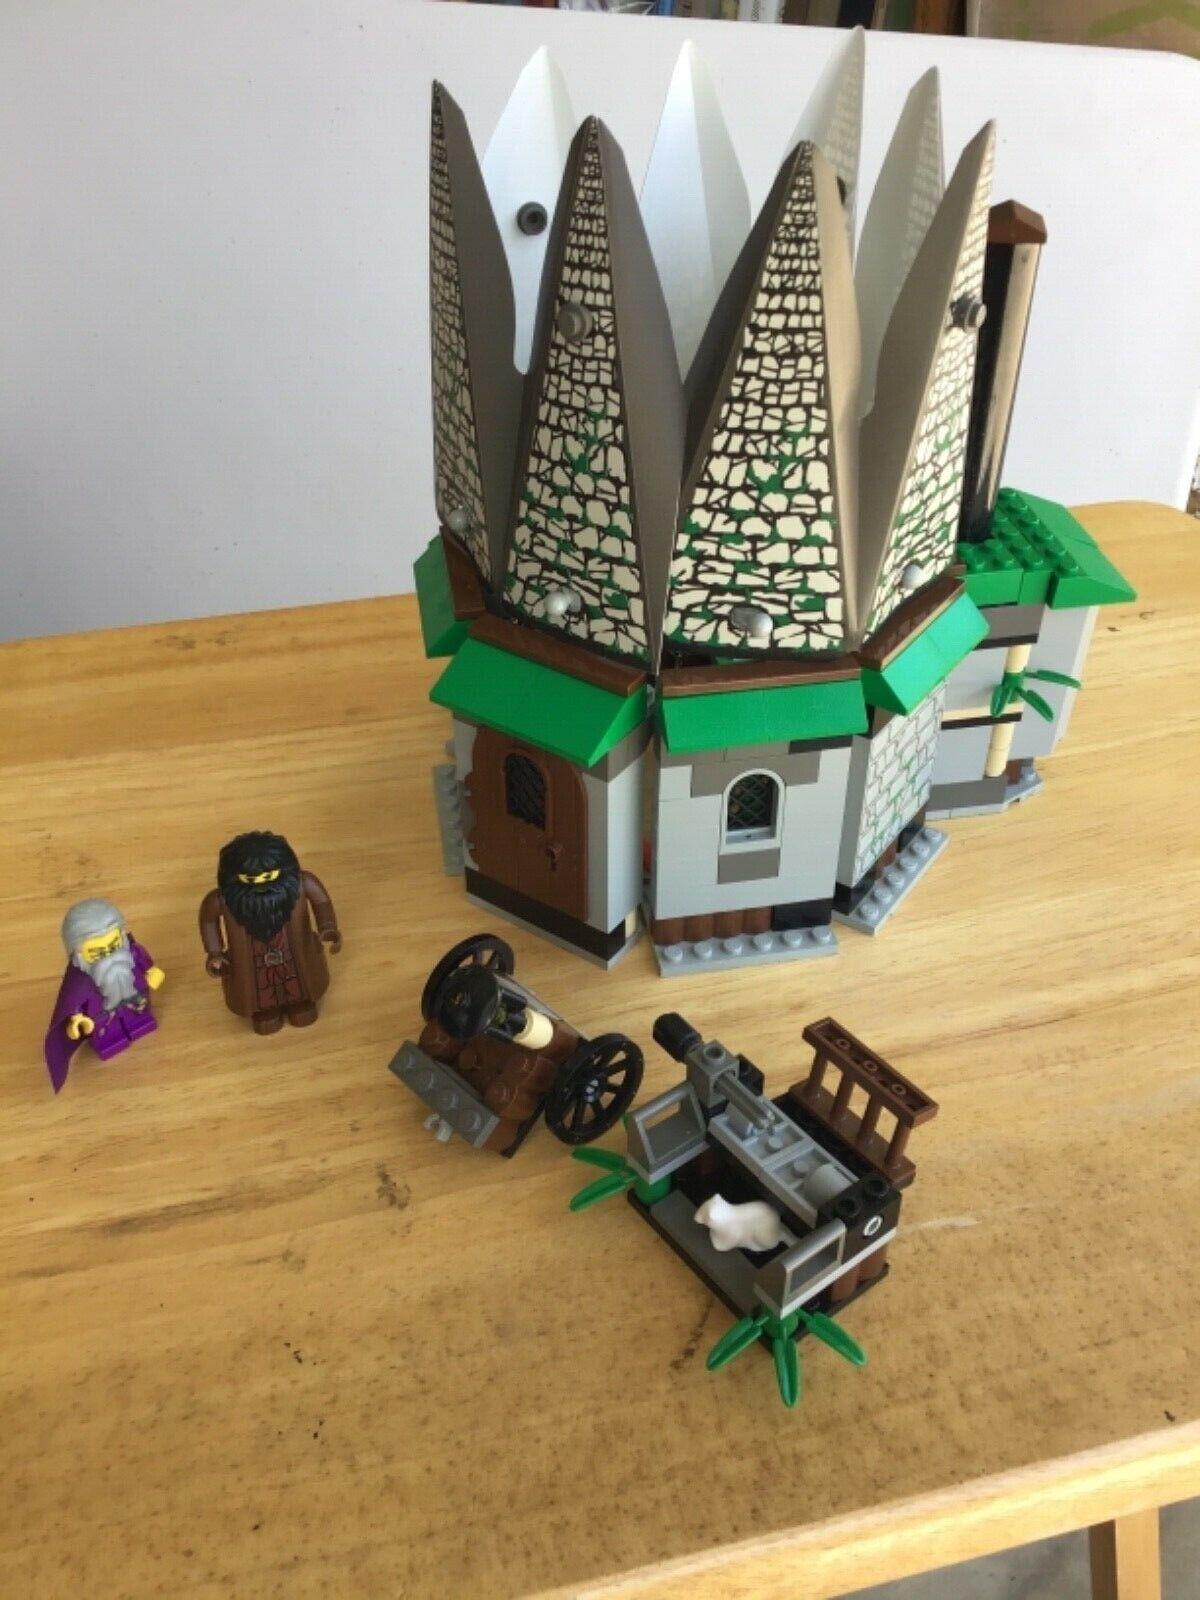 Lego 4707 Harry Potter Hagrid Hagrid Engrough 65533;s Hut, instruktioner tryckta från internet, ingen ruta